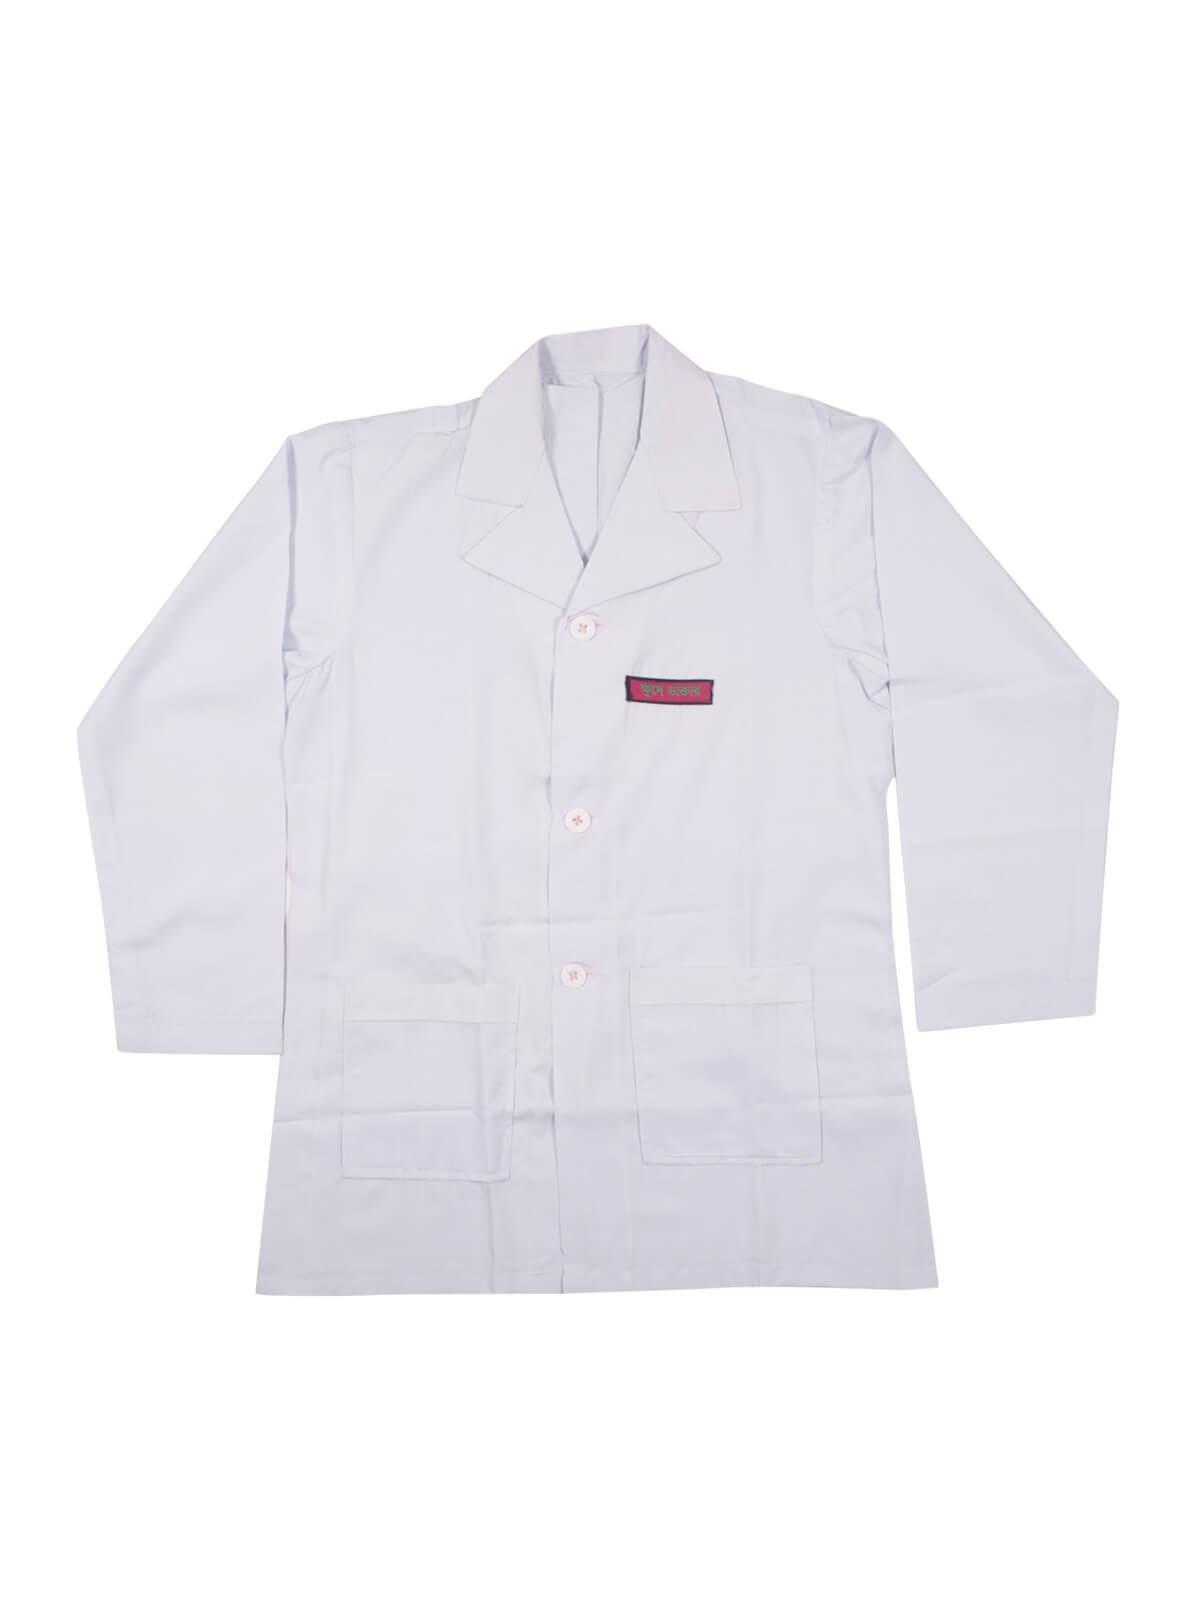 White School Dress Apron